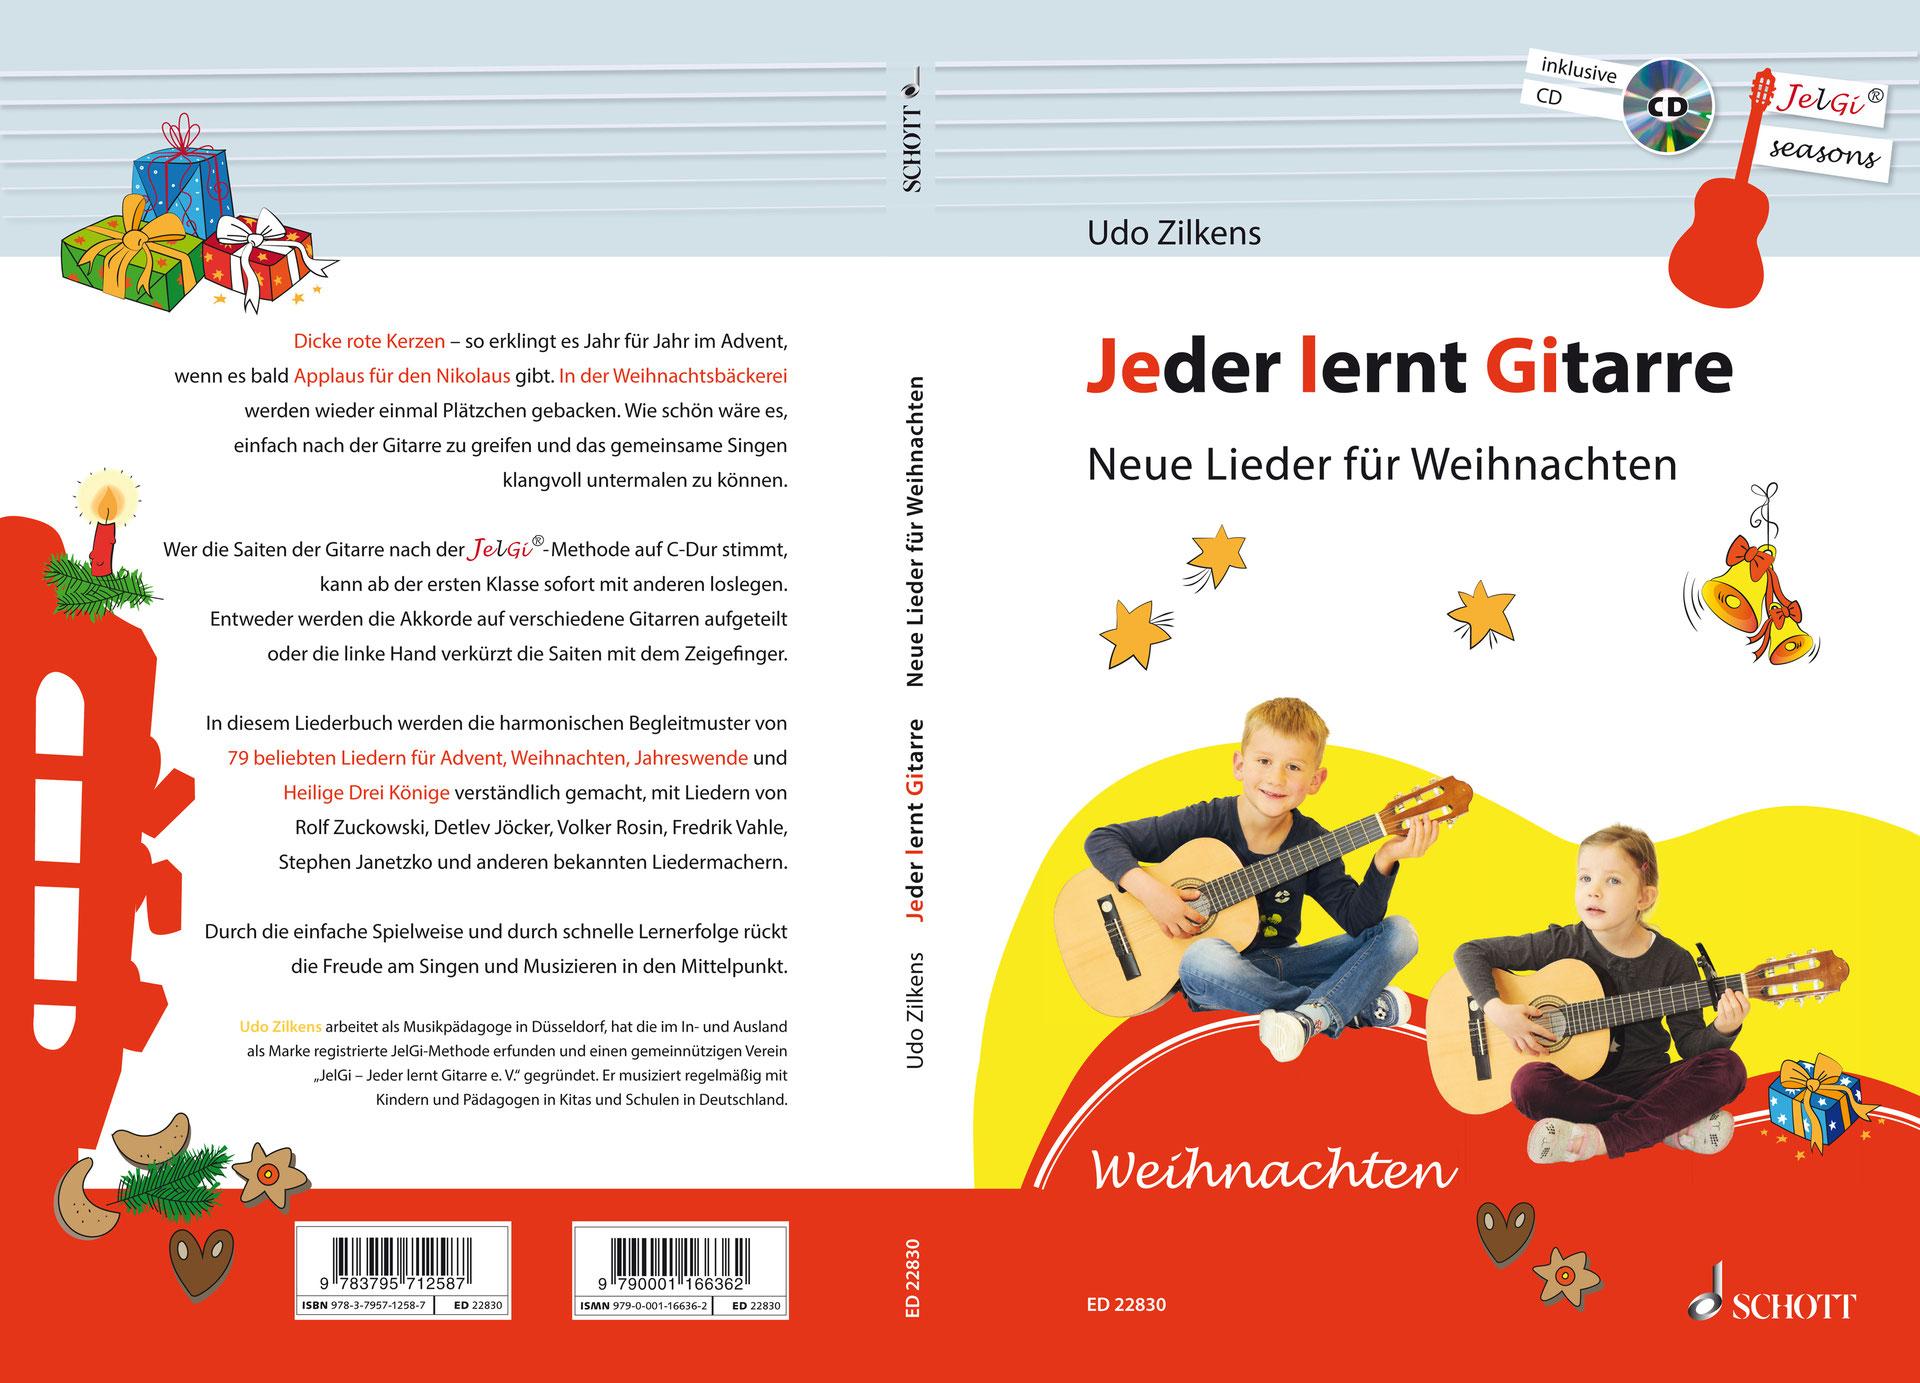 Neue Lieder fuer Weihnachten - JelGi